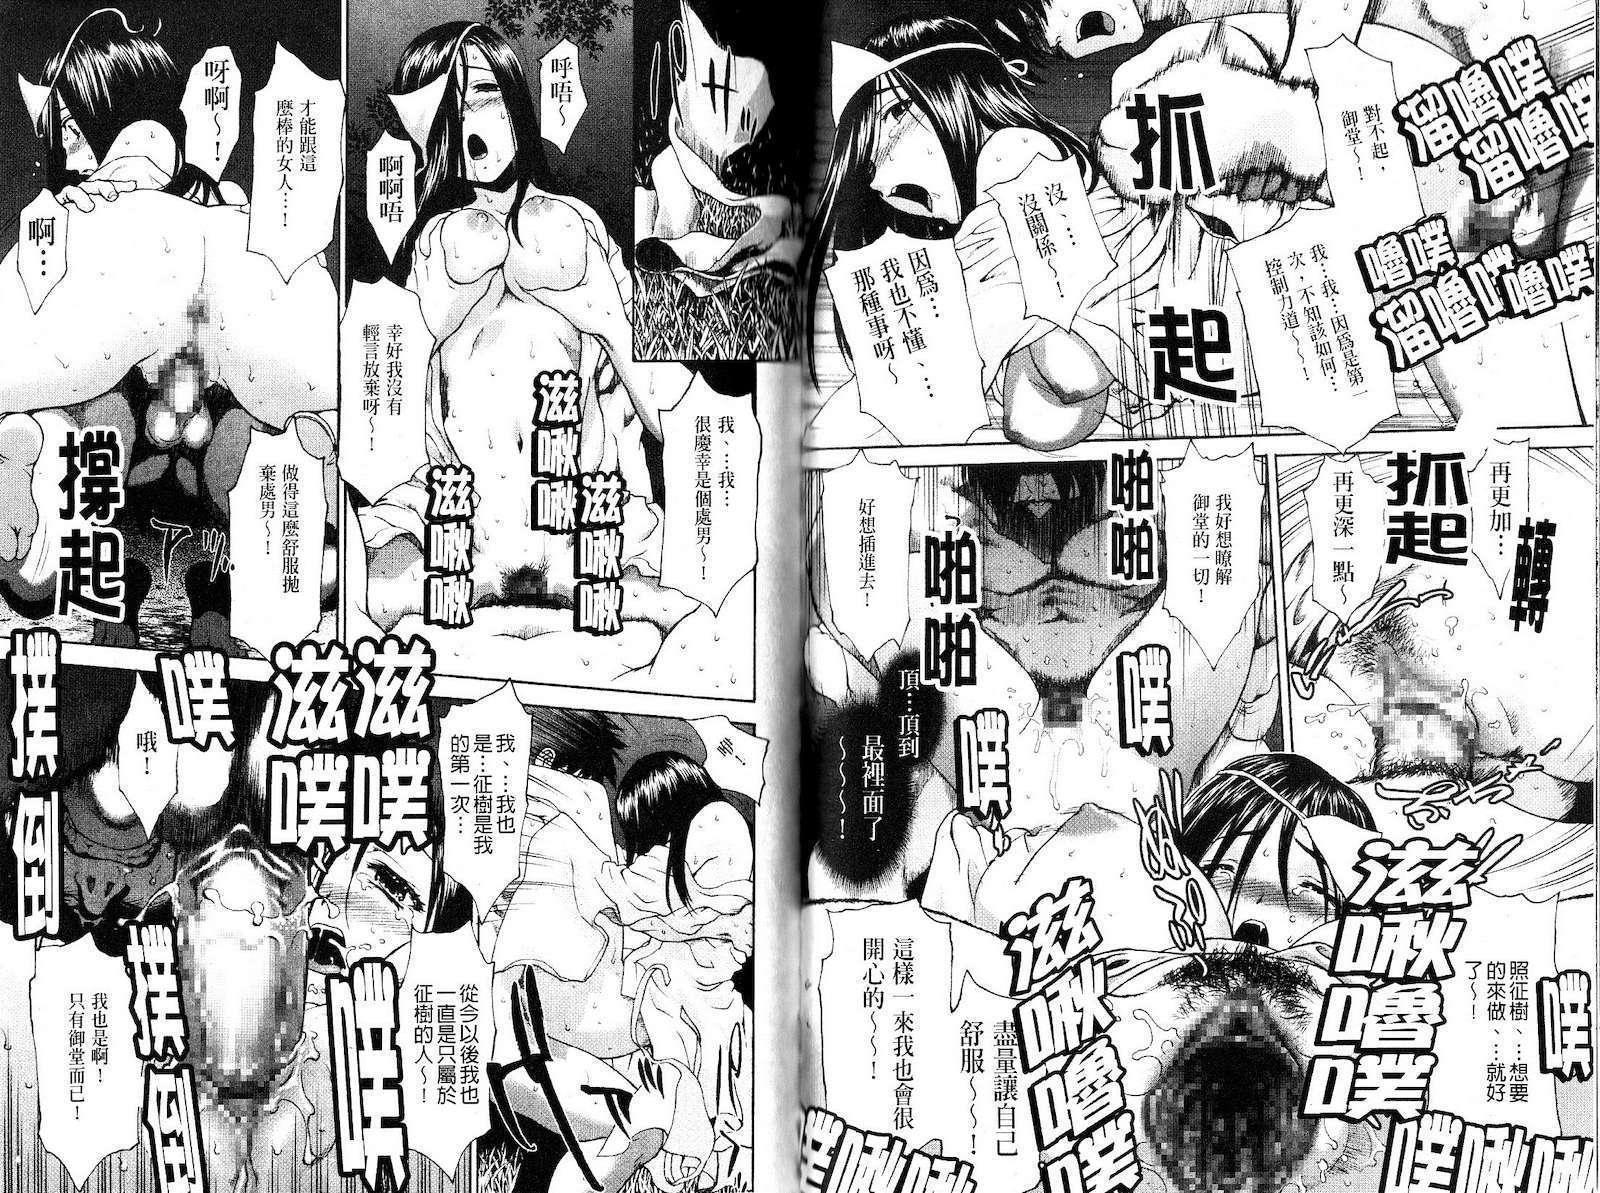 [弘兼憲史][島耕作系列][第一部~第九部]